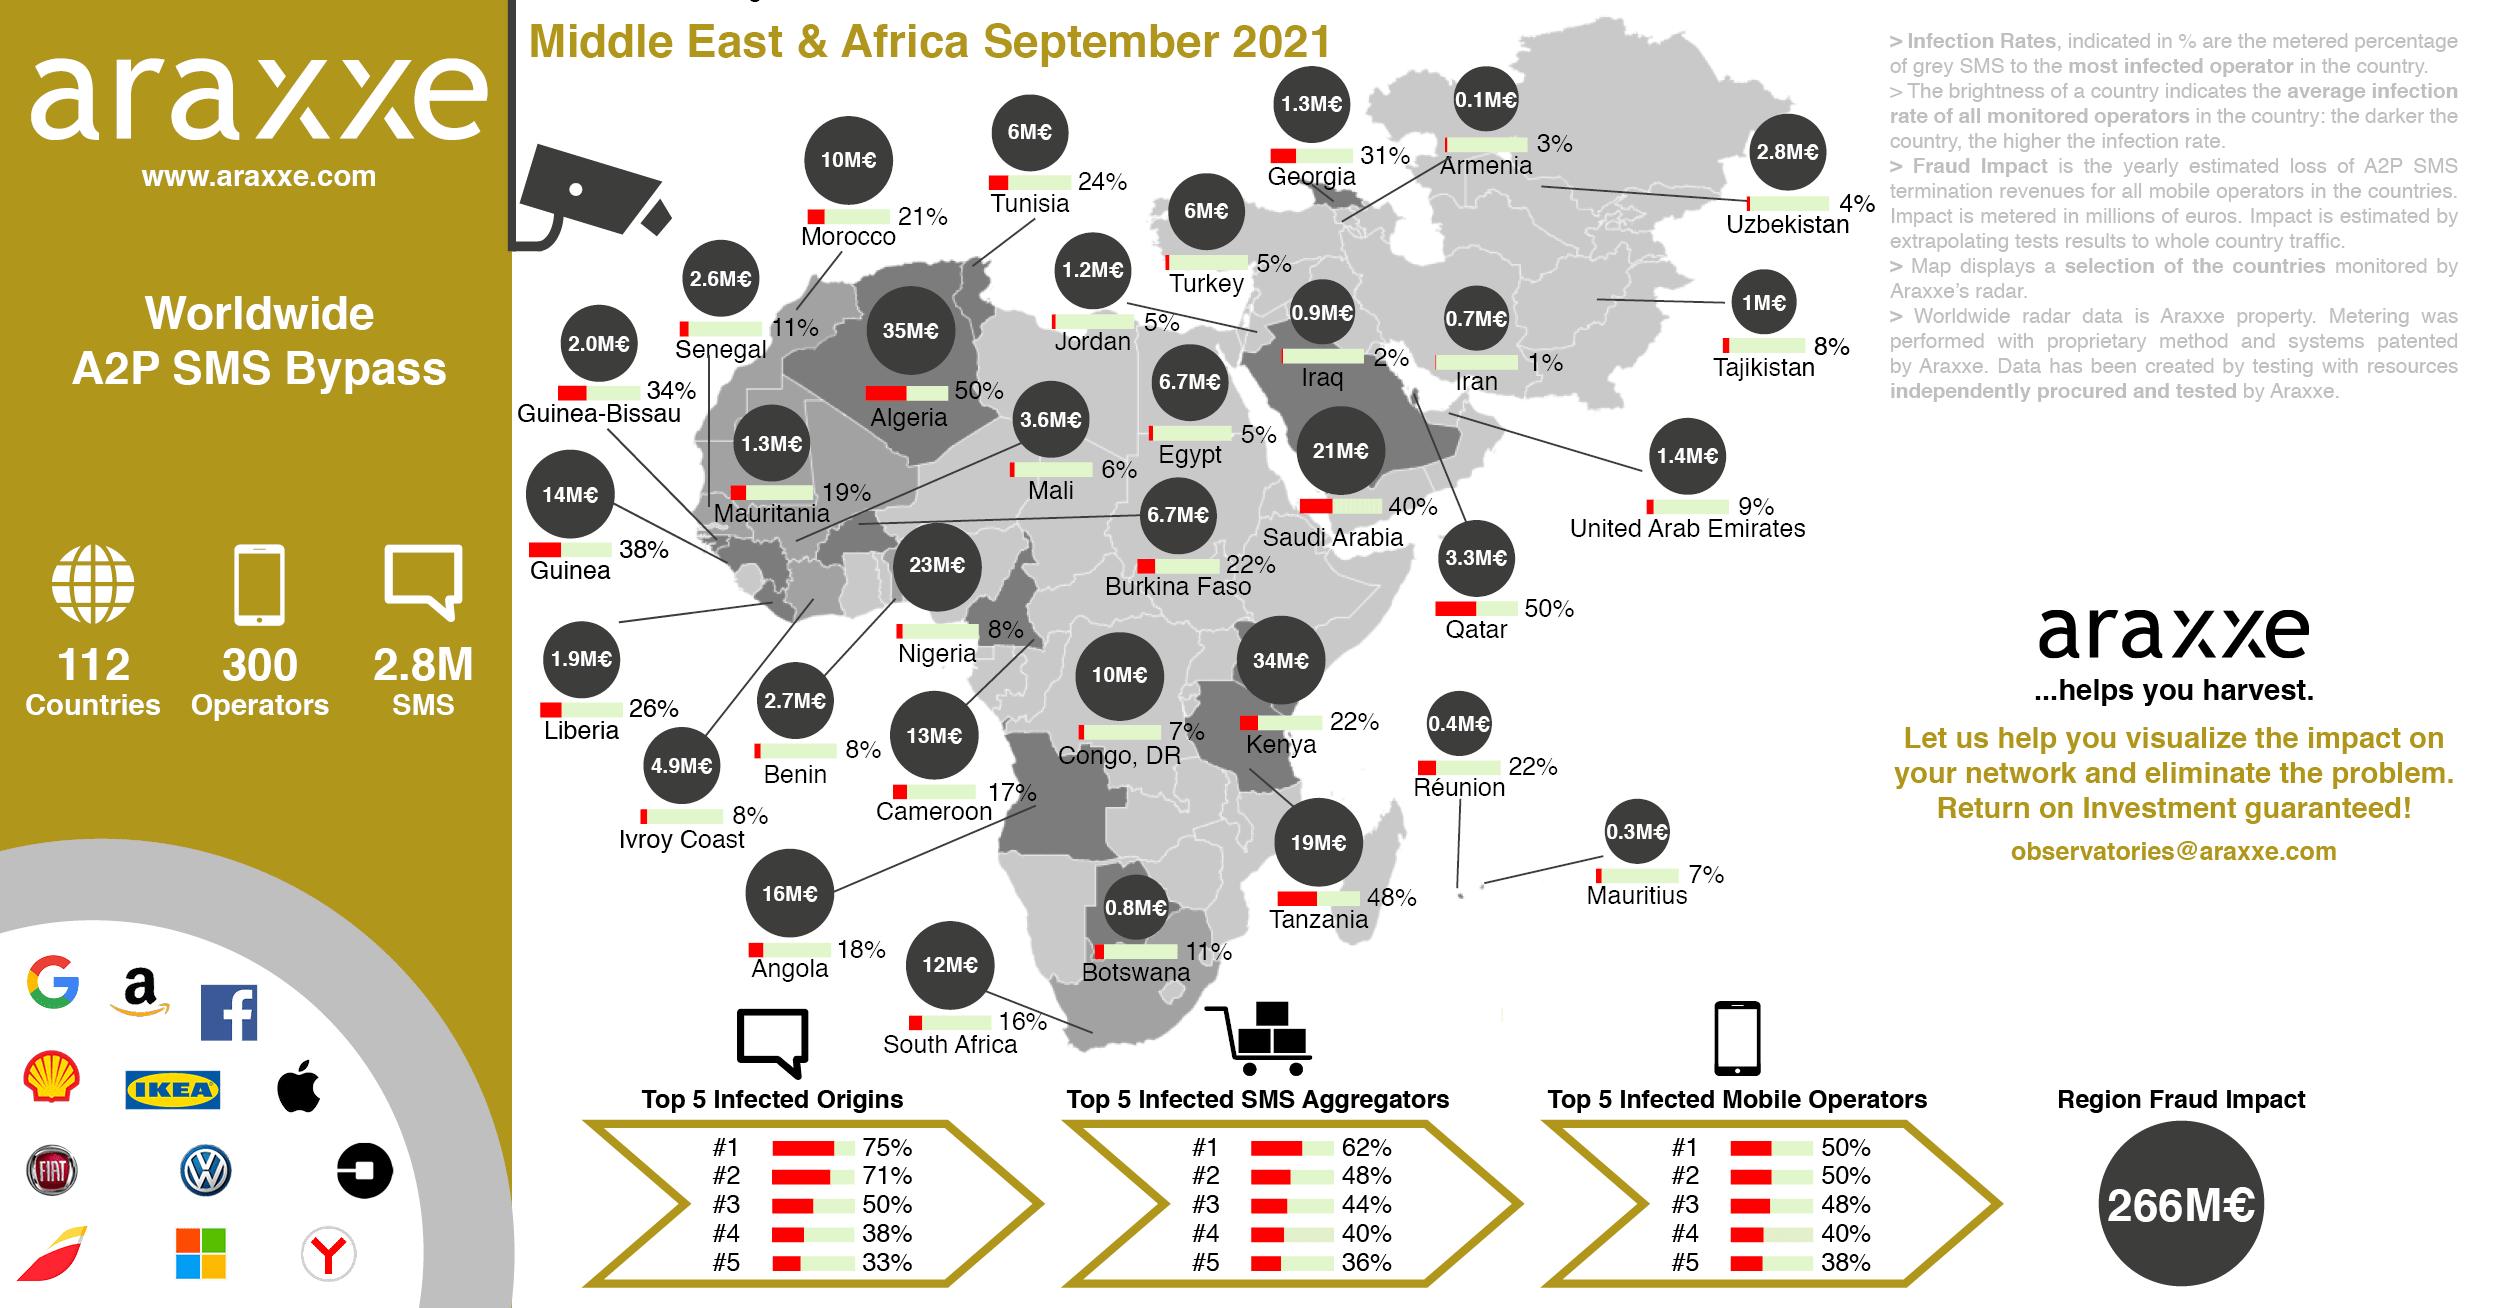 Business Message Observatory_MiddleEastAfrica_September2021